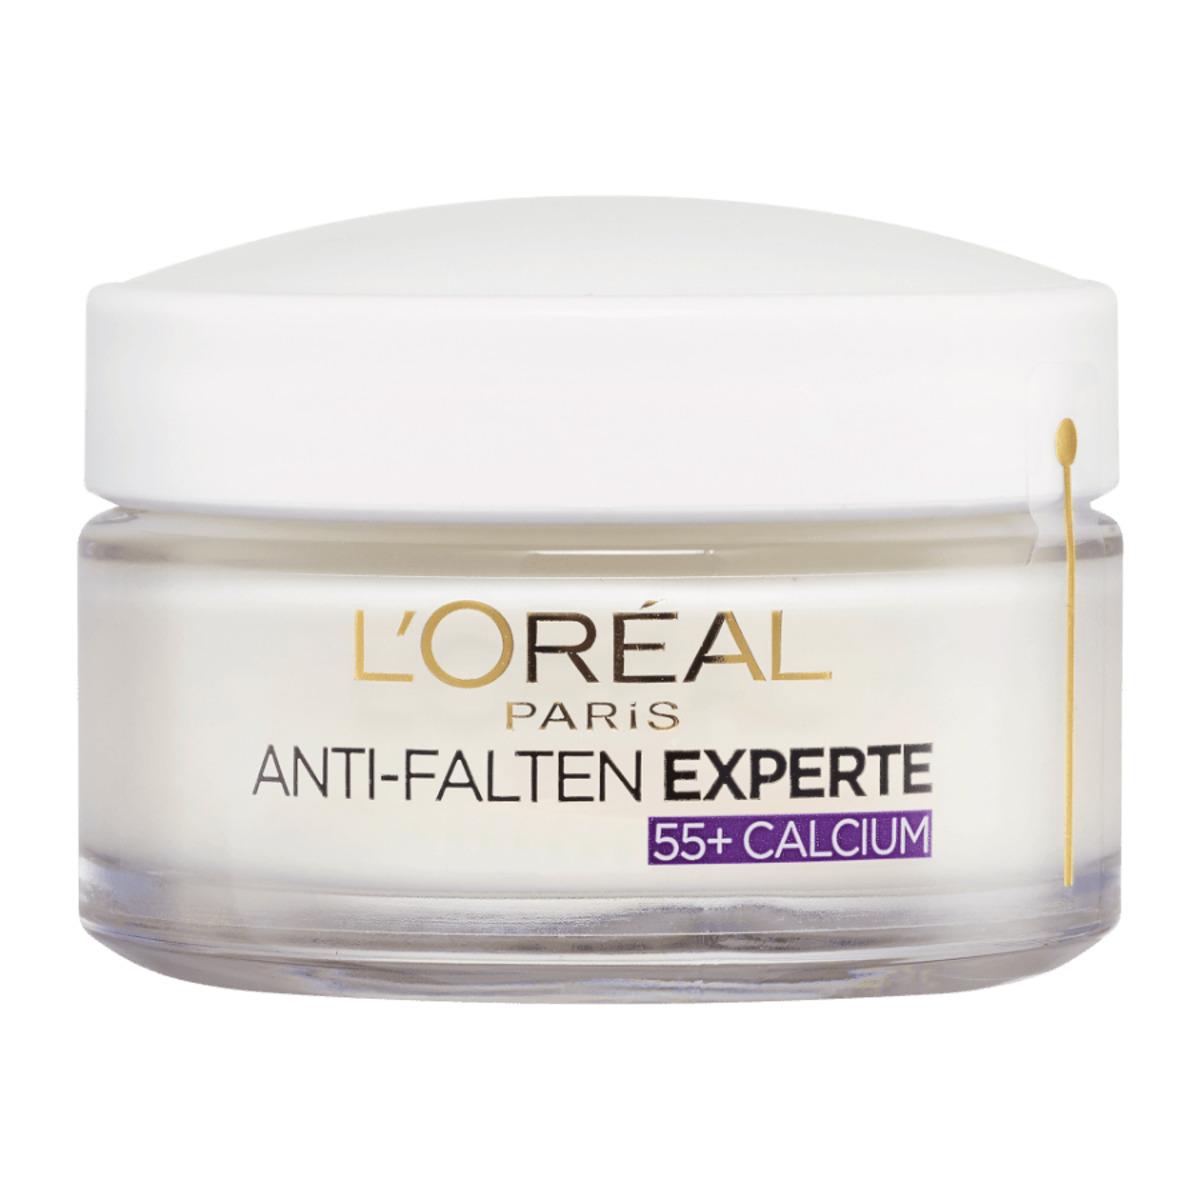 Bild 5 von L'Oréal Anti-Falten Experte Feuchtigkeitspflege